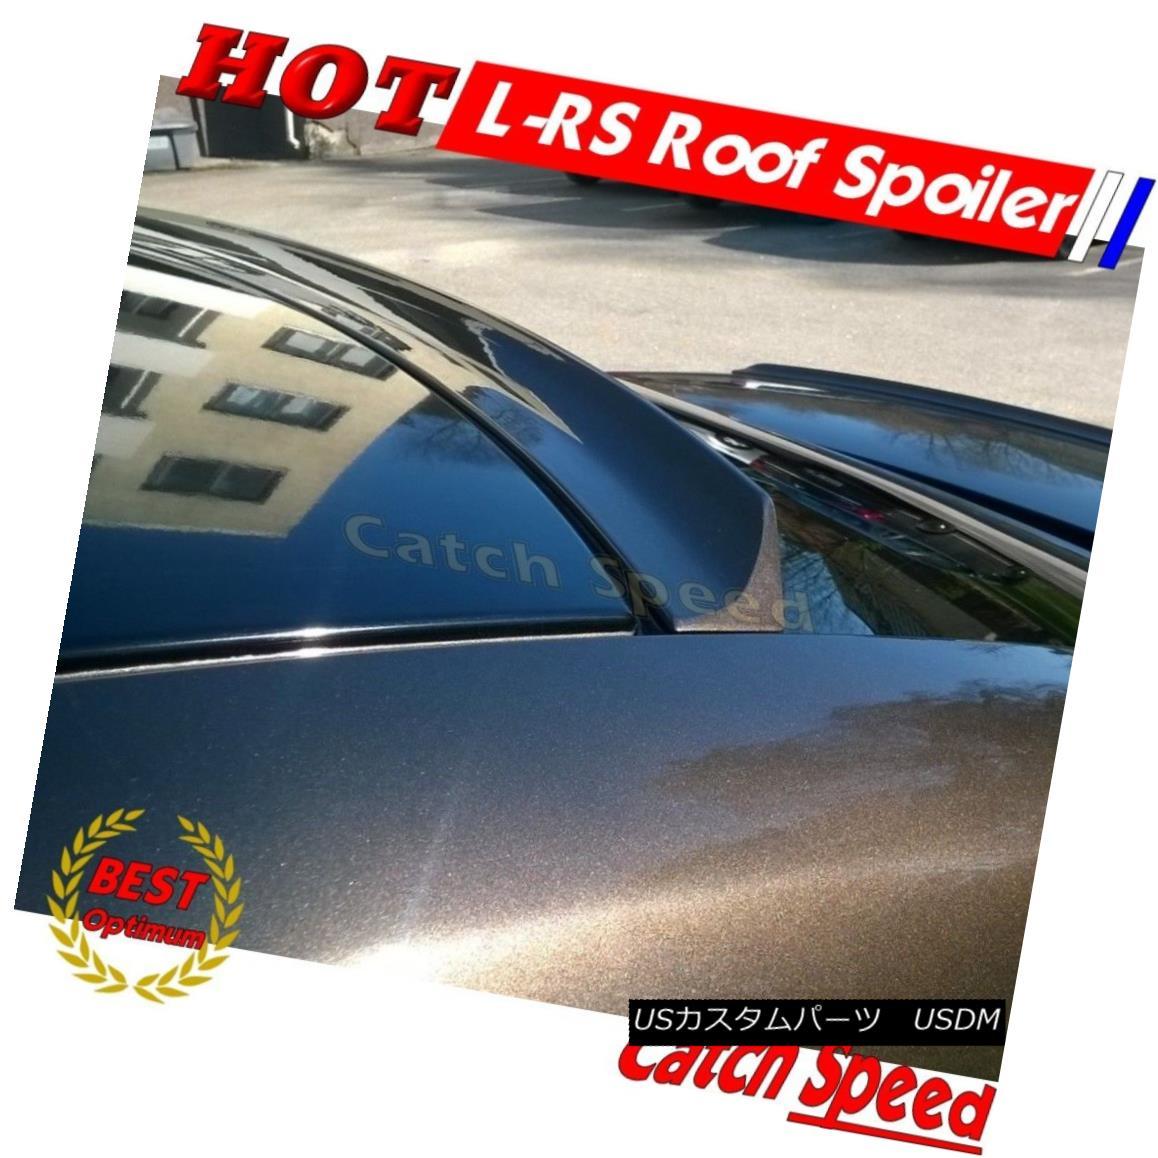 エアロパーツ Painted LRS Type Rear Roof Spoiler Wing For Honda CIVIC Ferio Sedan 2001-2003 ? Honda CIVIC Ferio Sedan 2001-2003用のLRSタイプのリアルーフスポイラーウイングを塗装しましたか?